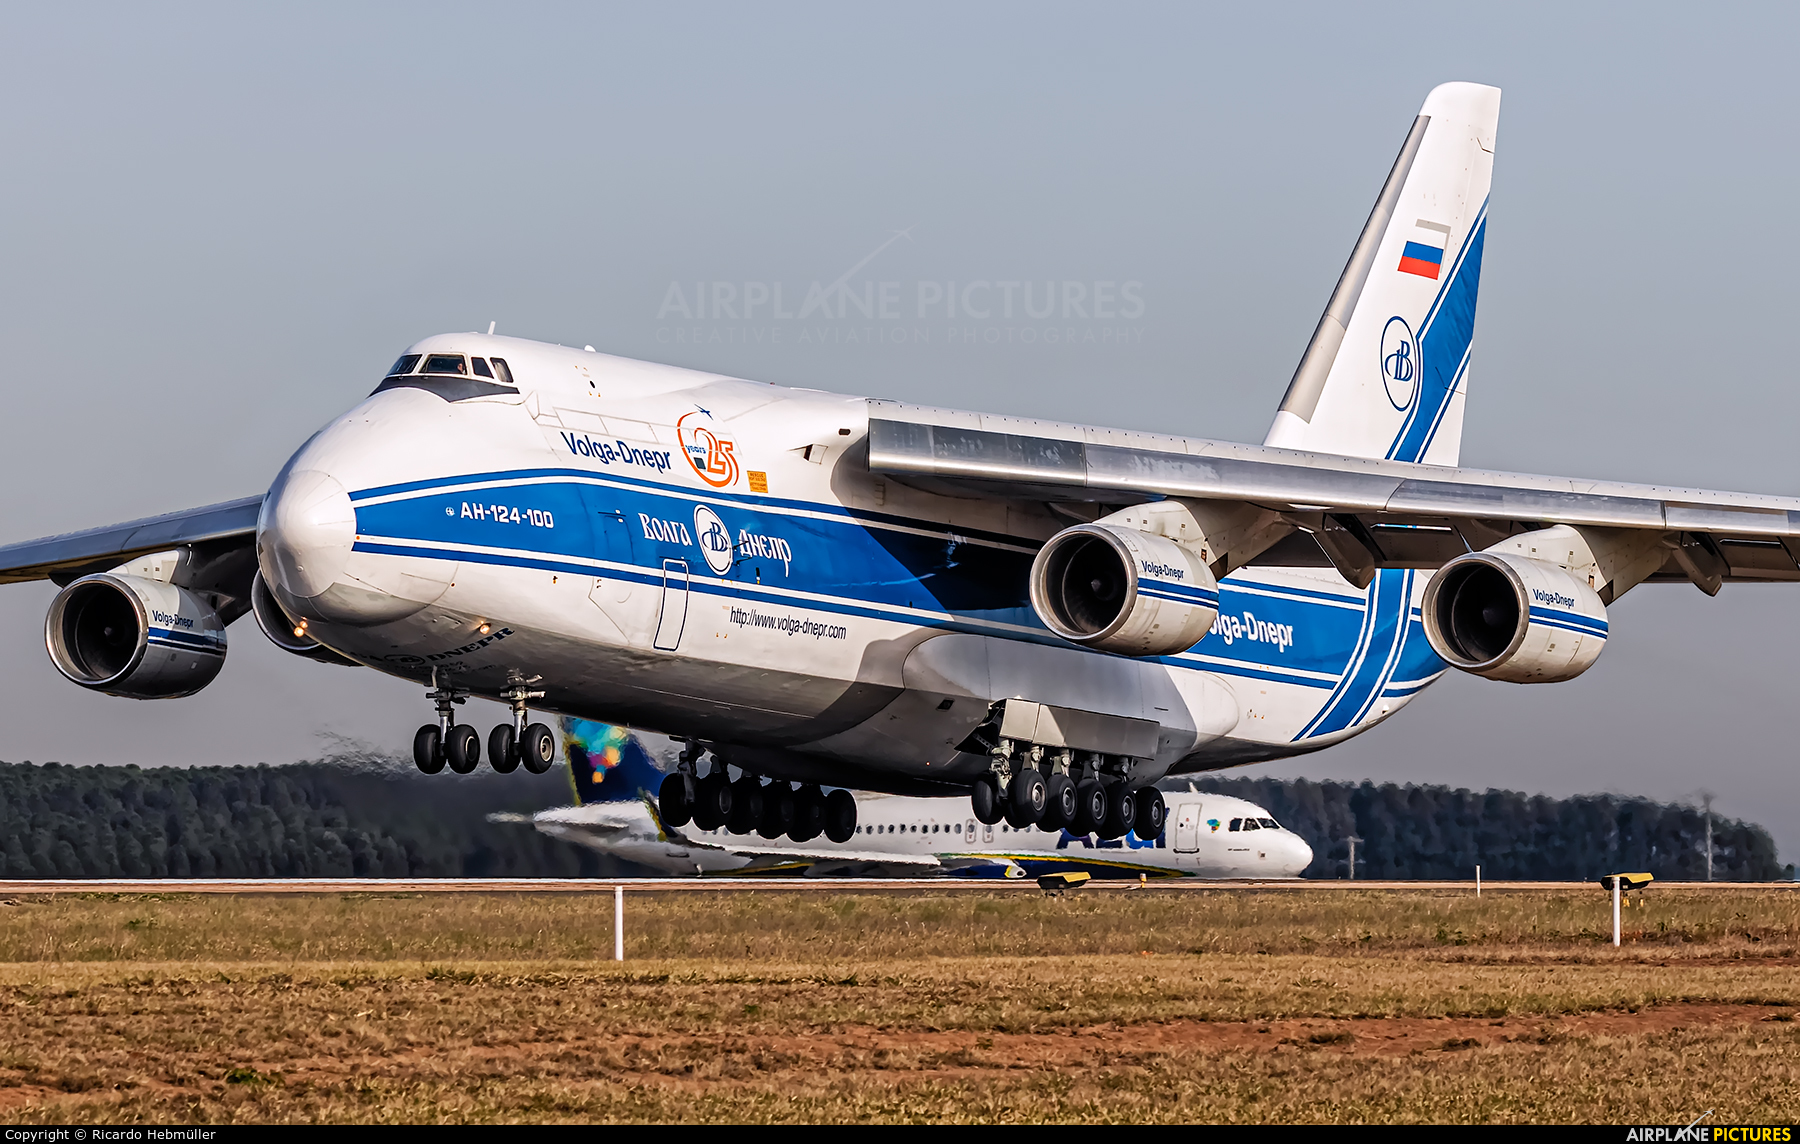 Volga Dnepr Airlines RA-82043 aircraft at Campinas - Viracopos Intl